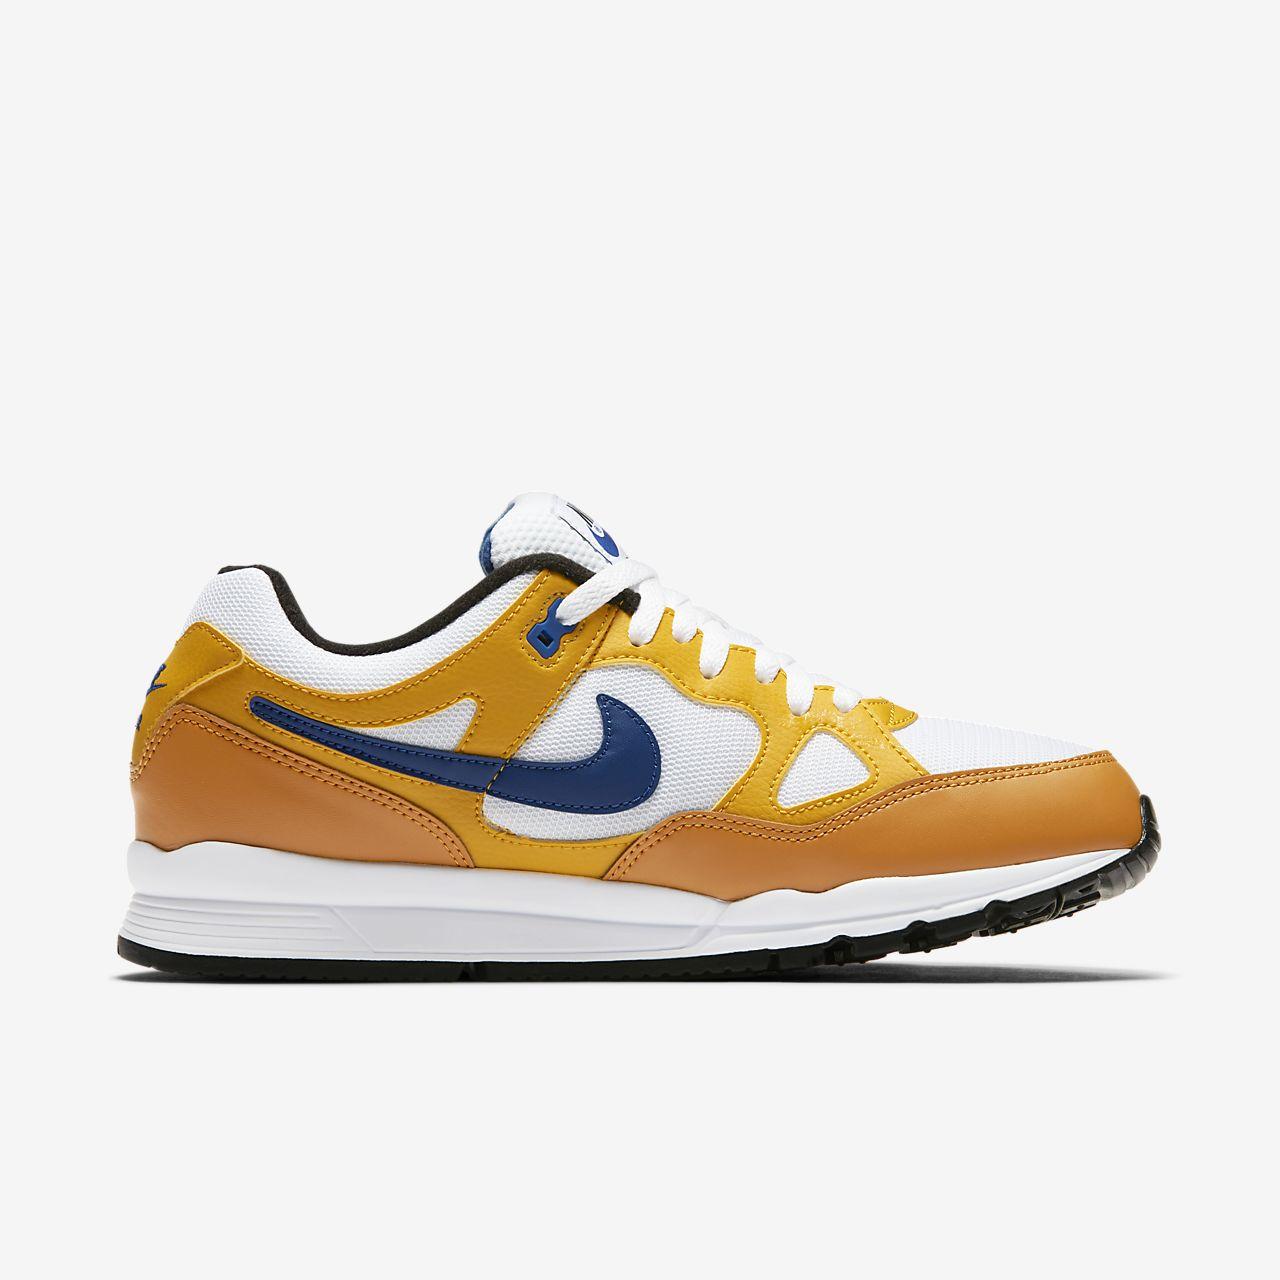 online retailer 4995b 54955 ... Calzado para hombre Nike Air Span II